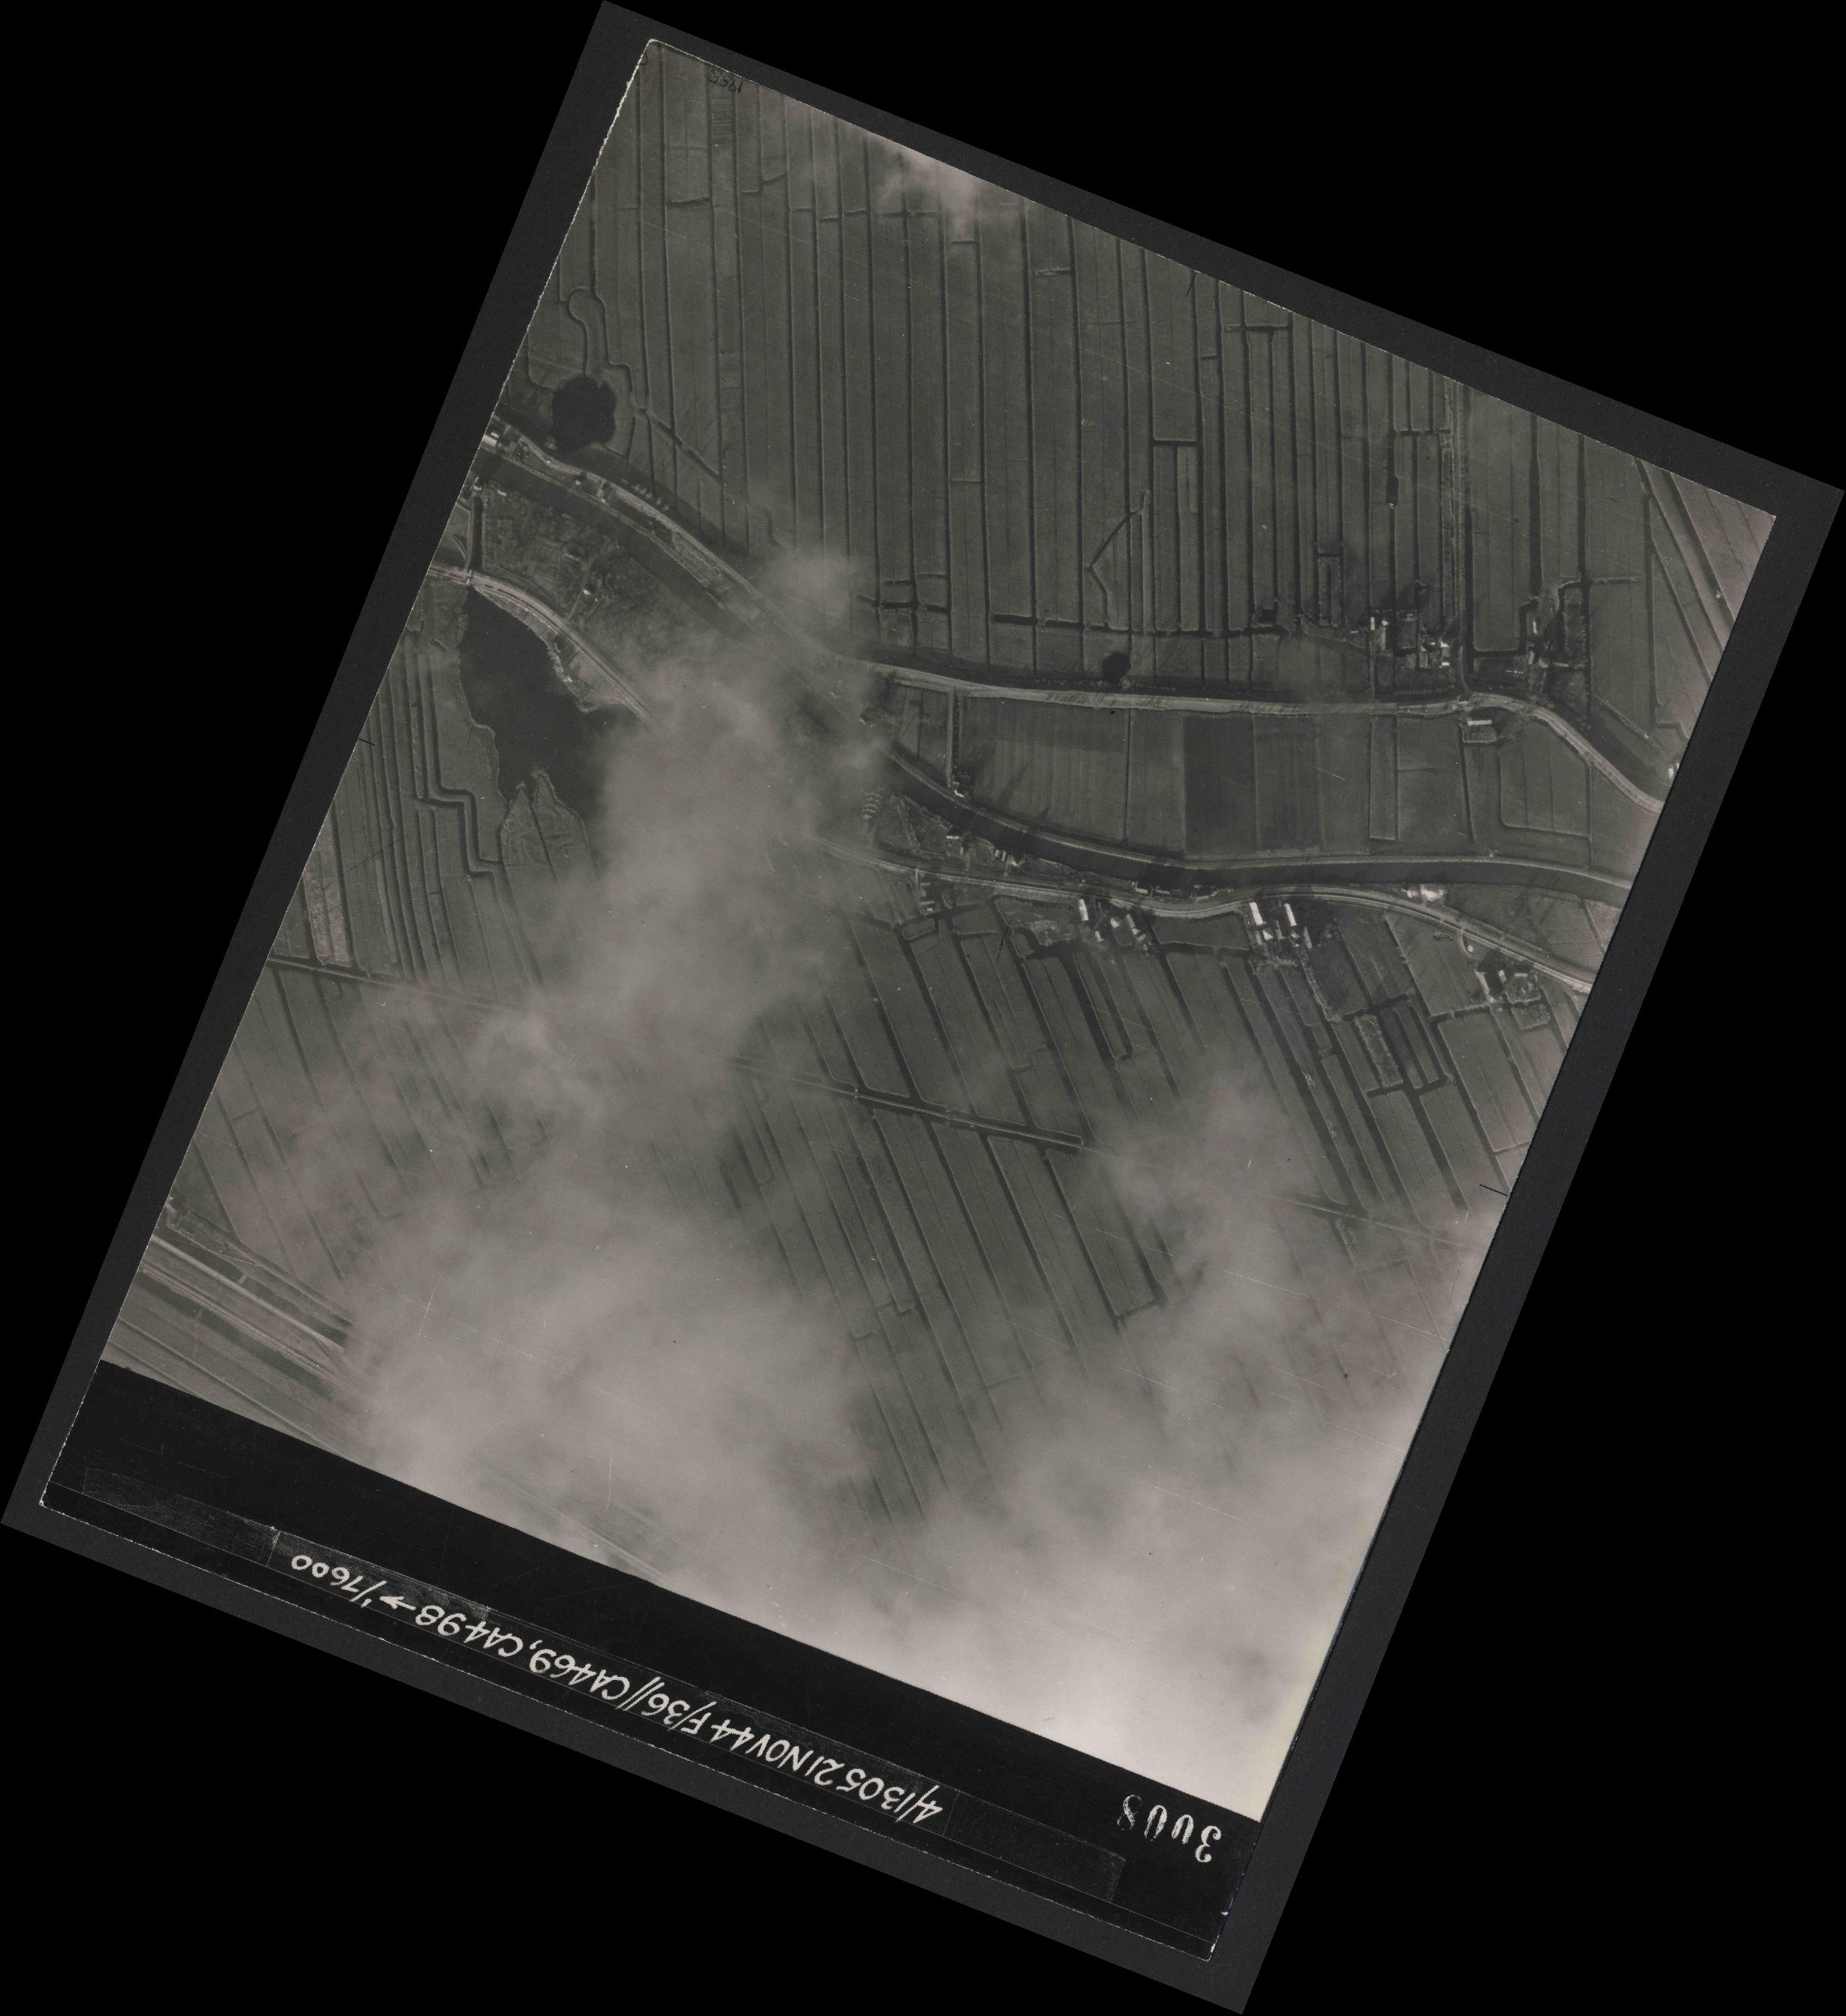 Collection RAF aerial photos 1940-1945 - flight 237, run 10, photo 3008